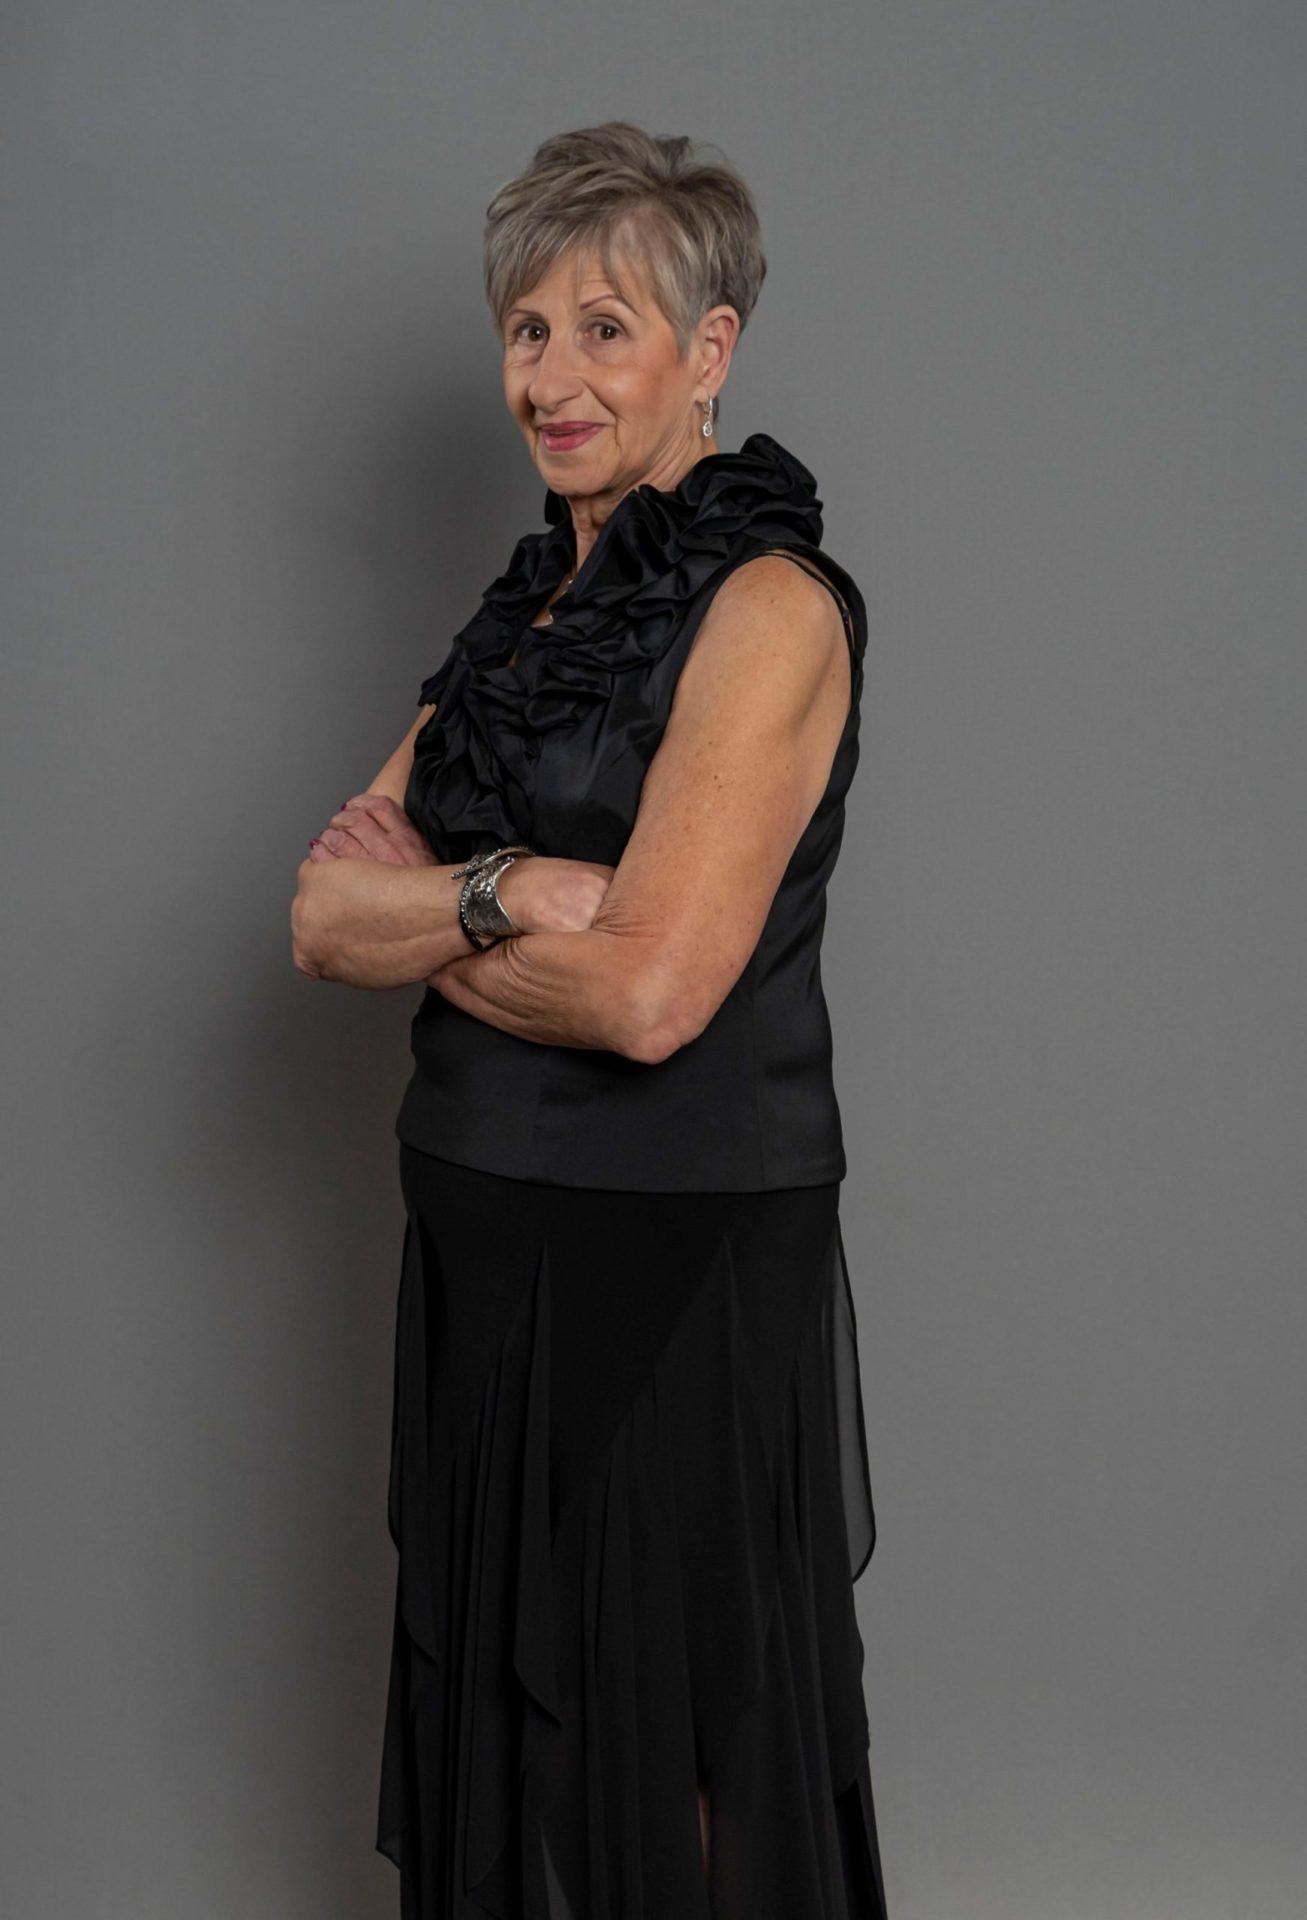 Sylvia Schultz